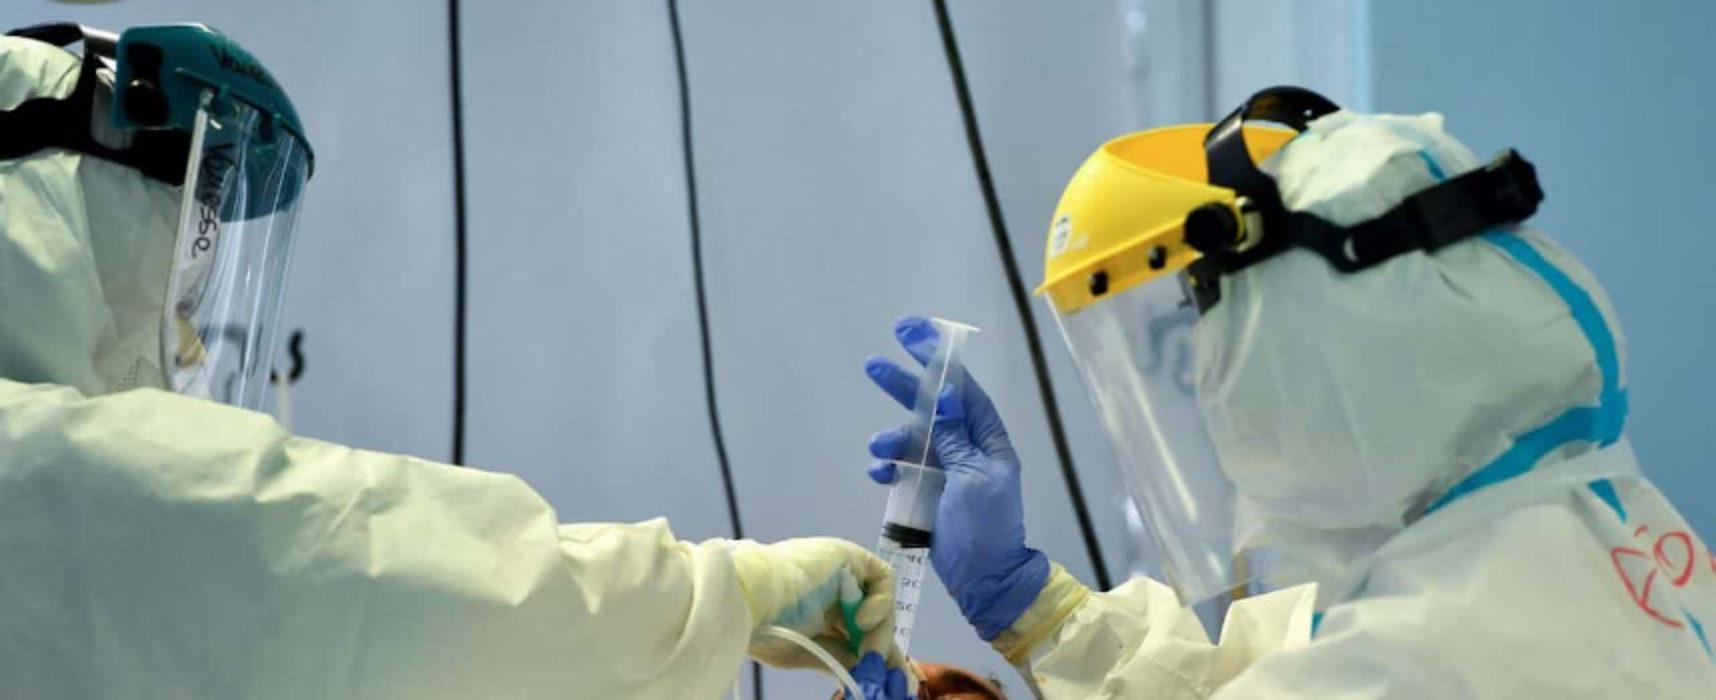 Coronavirus, sono 66 i nuovi casi in Puglia: stabili i ricoveri